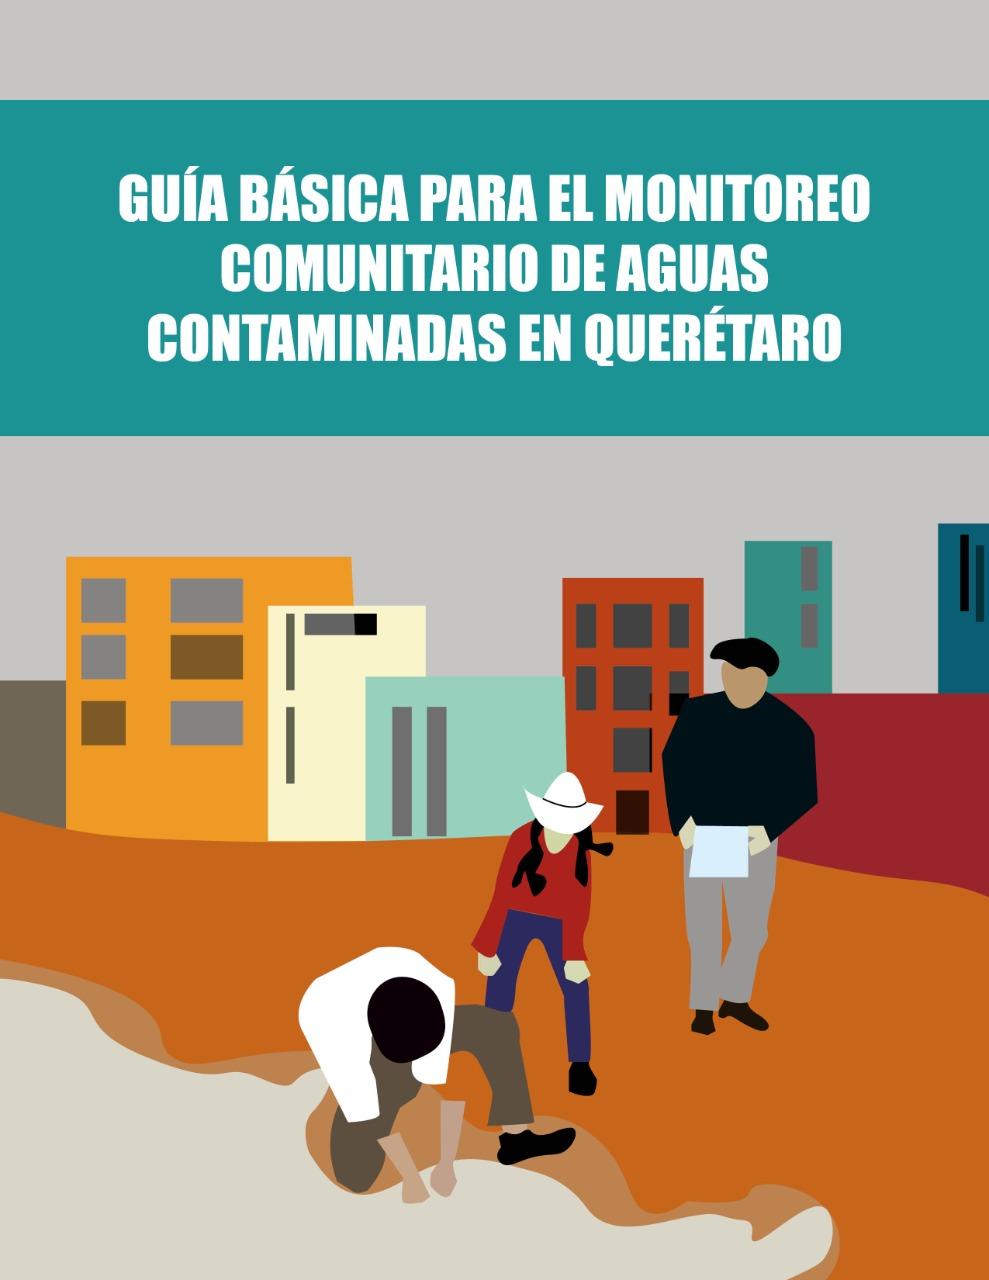 Ilustración de tres personas participando en el monitoreo comunitario de aguas contaminadas, al fondo una ciudad.